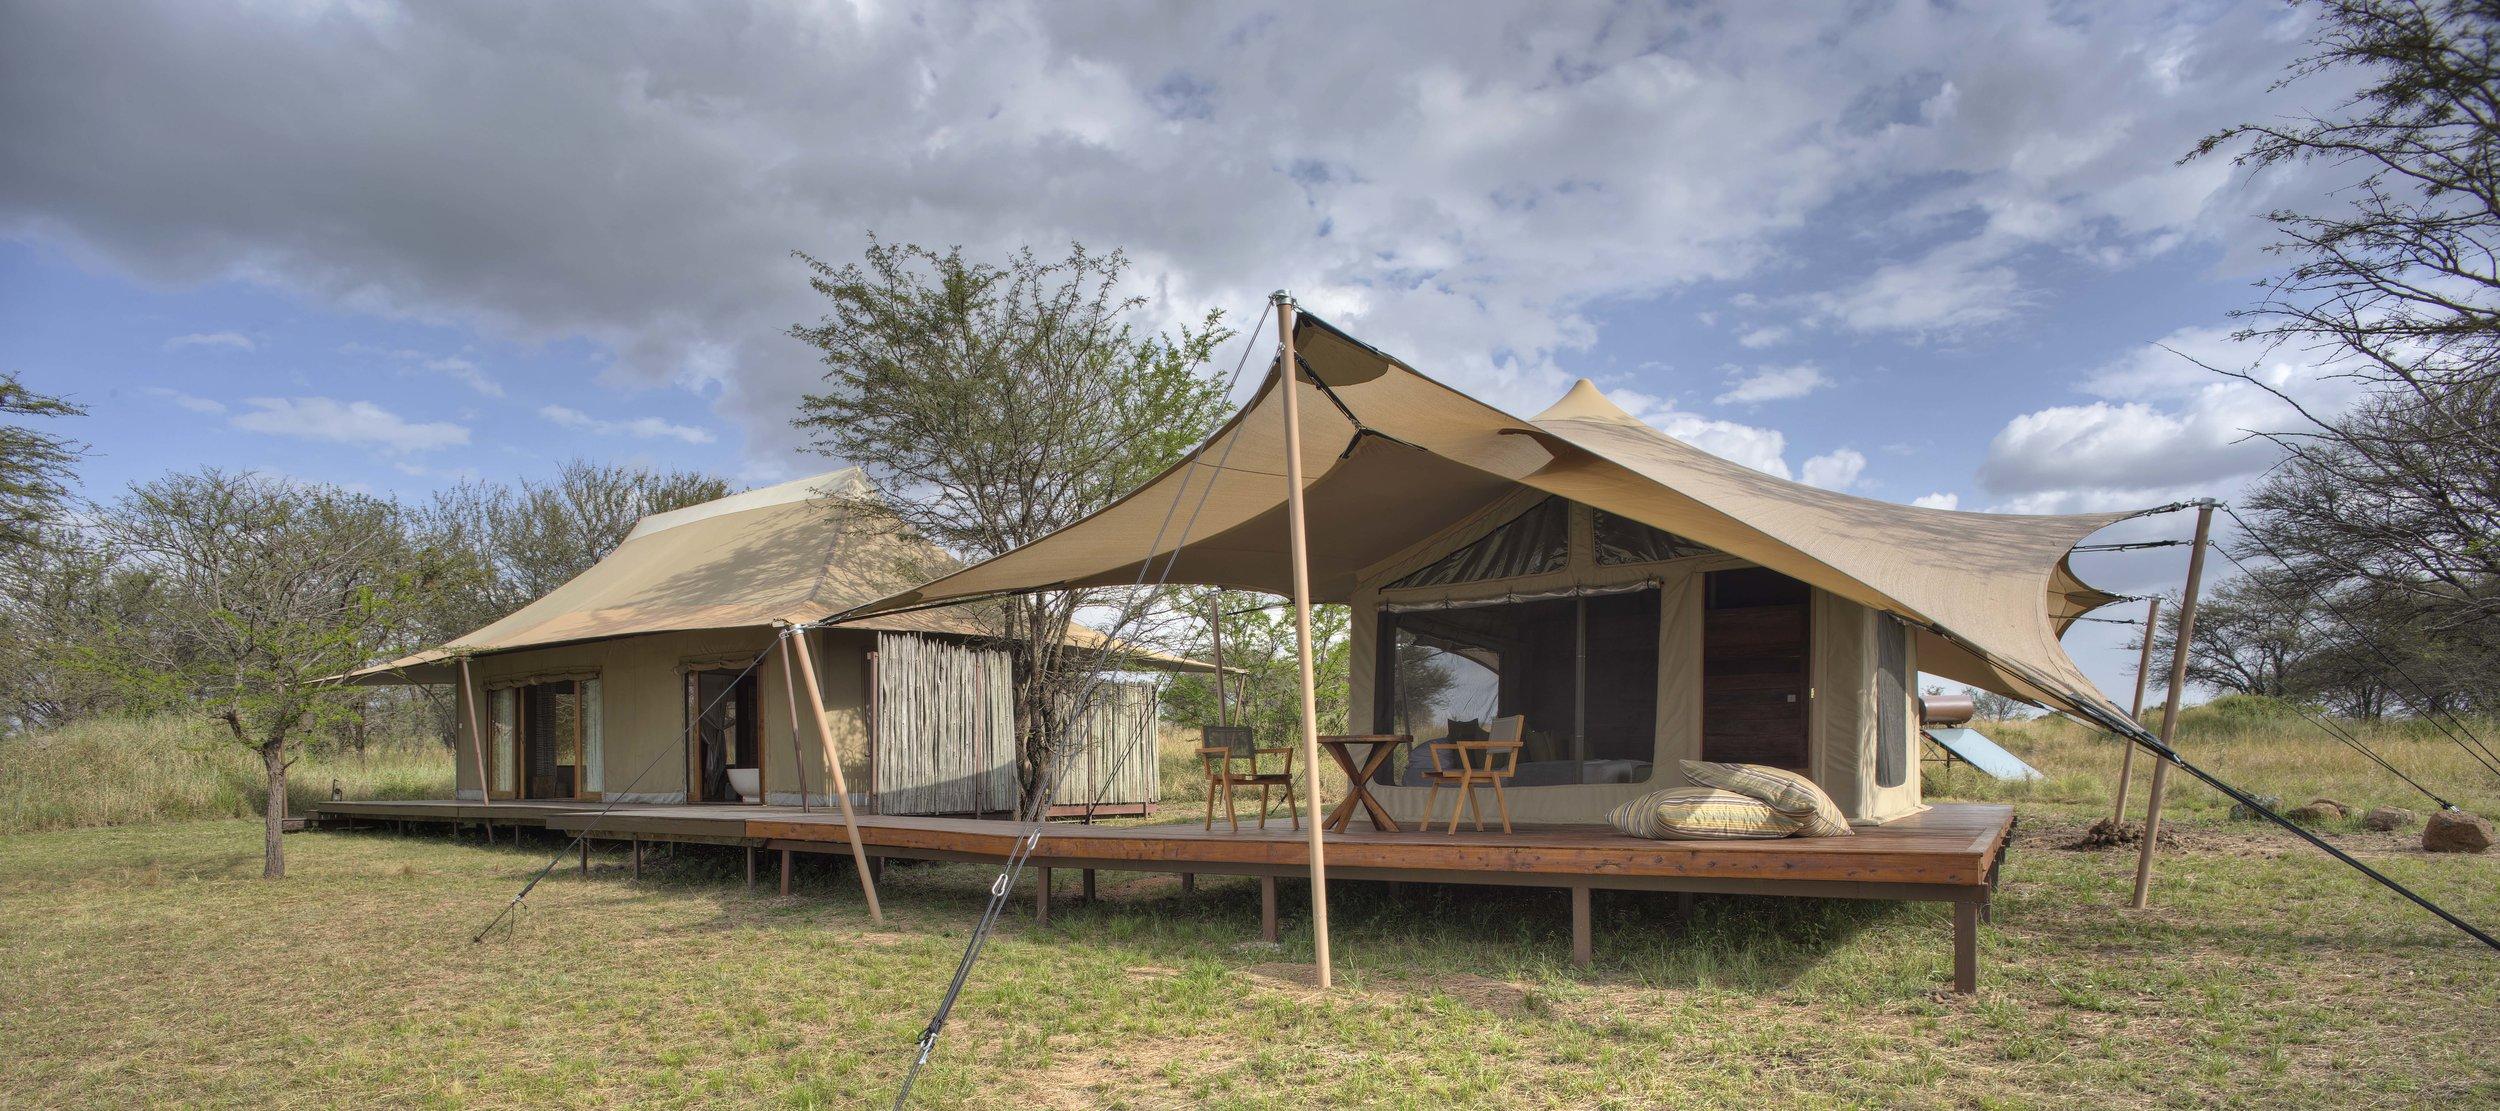 Sayari-Exterior-view-of-the-family-tent.jpg